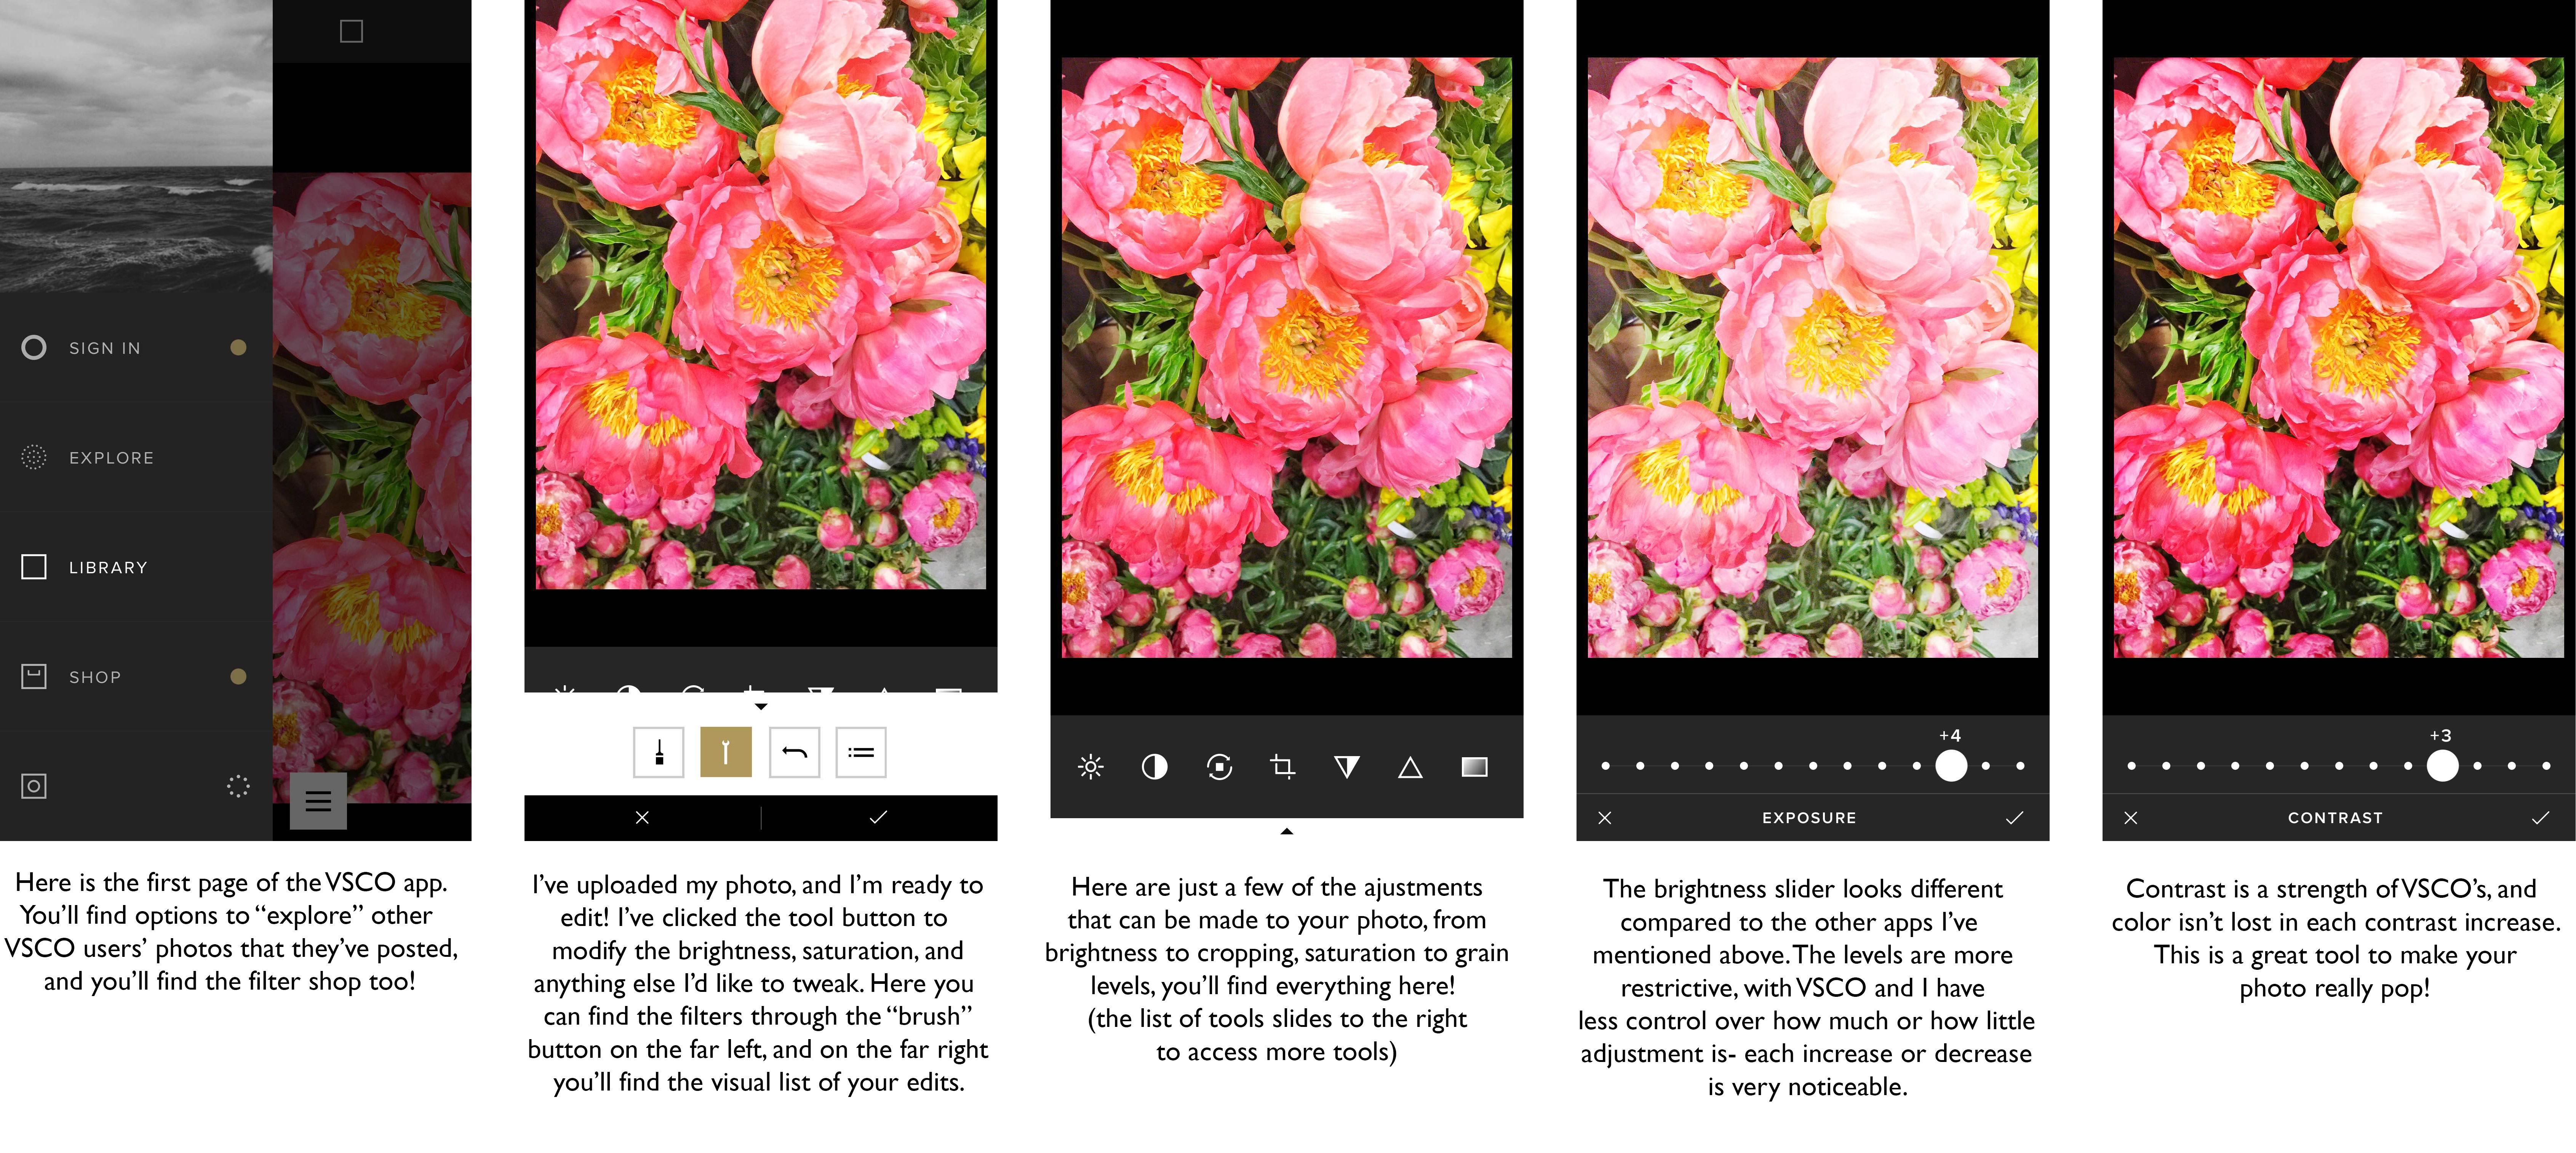 MWOA july vsco image